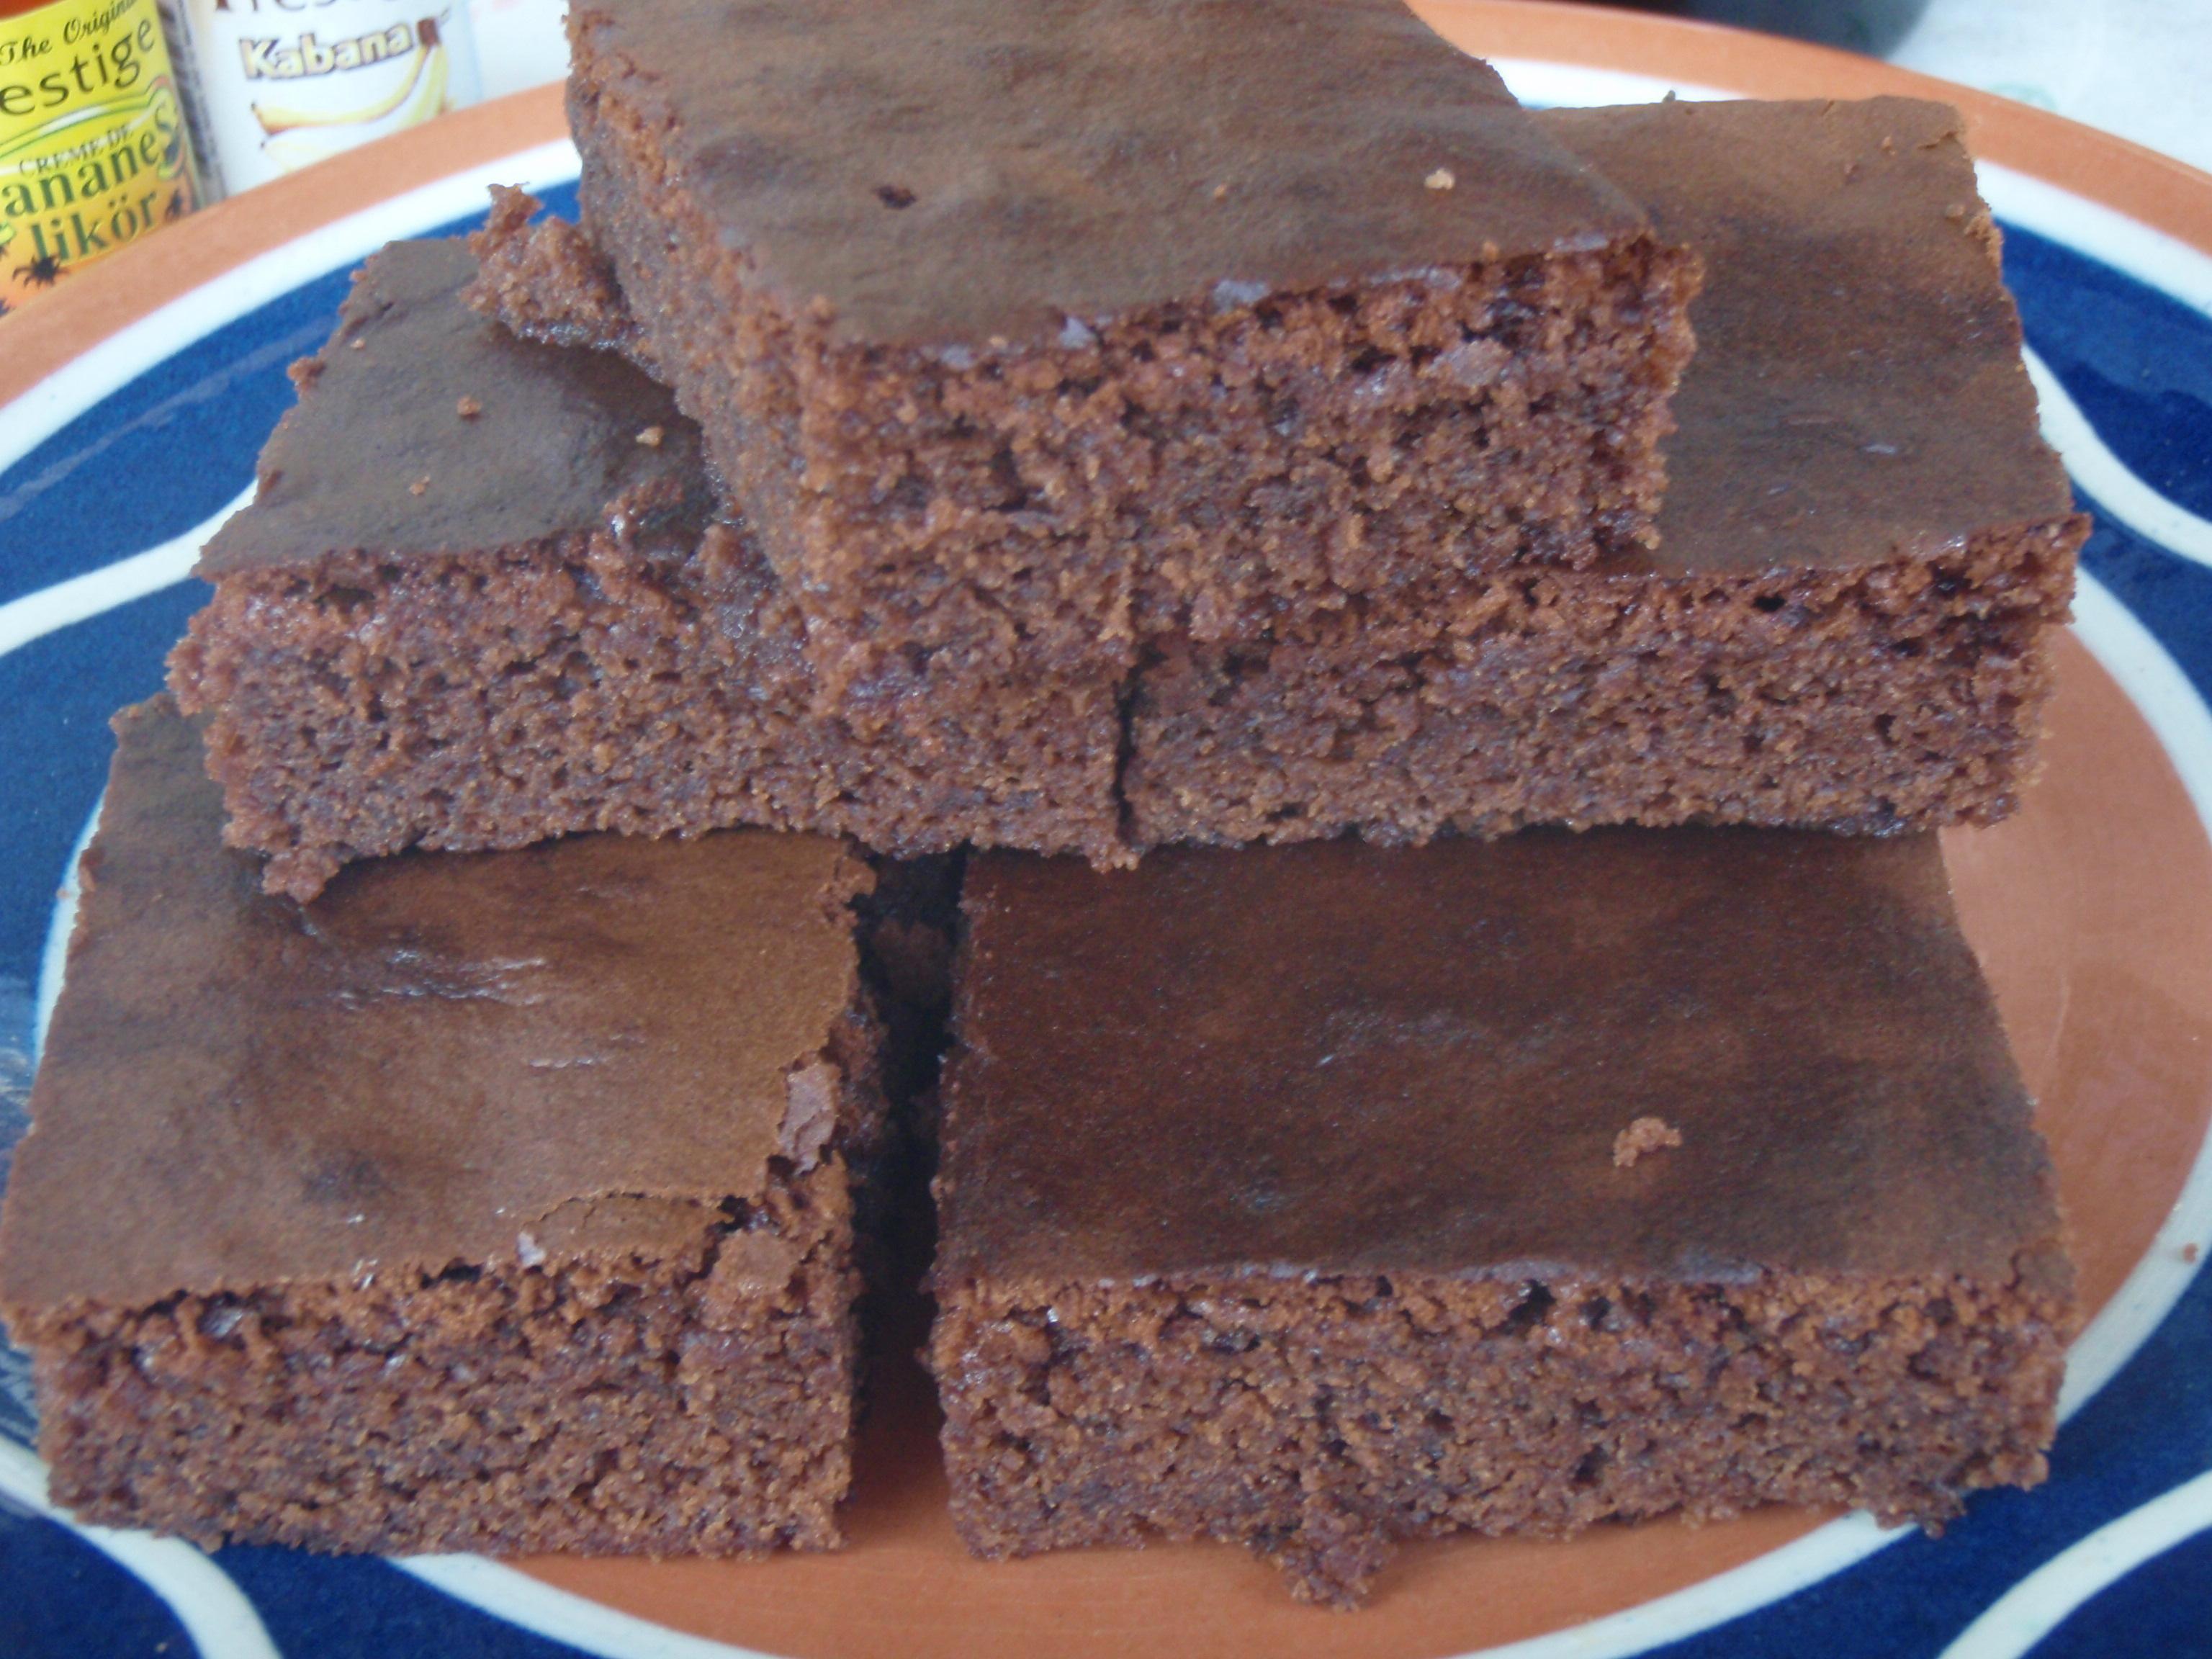 Cabana brownies